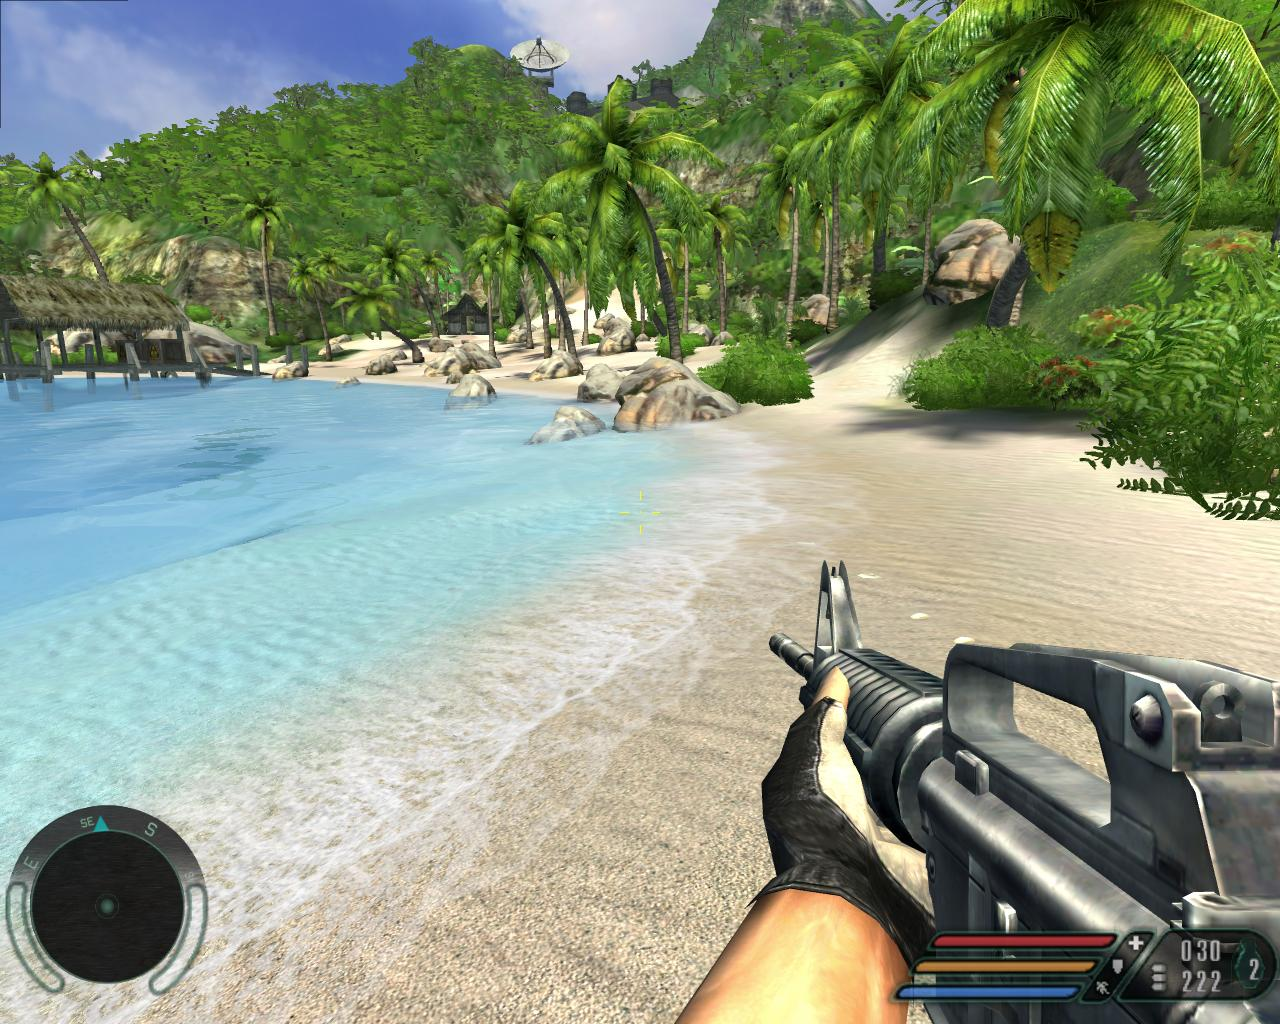 2004 год в компьютерных играх (часть 1) - Изображение 17